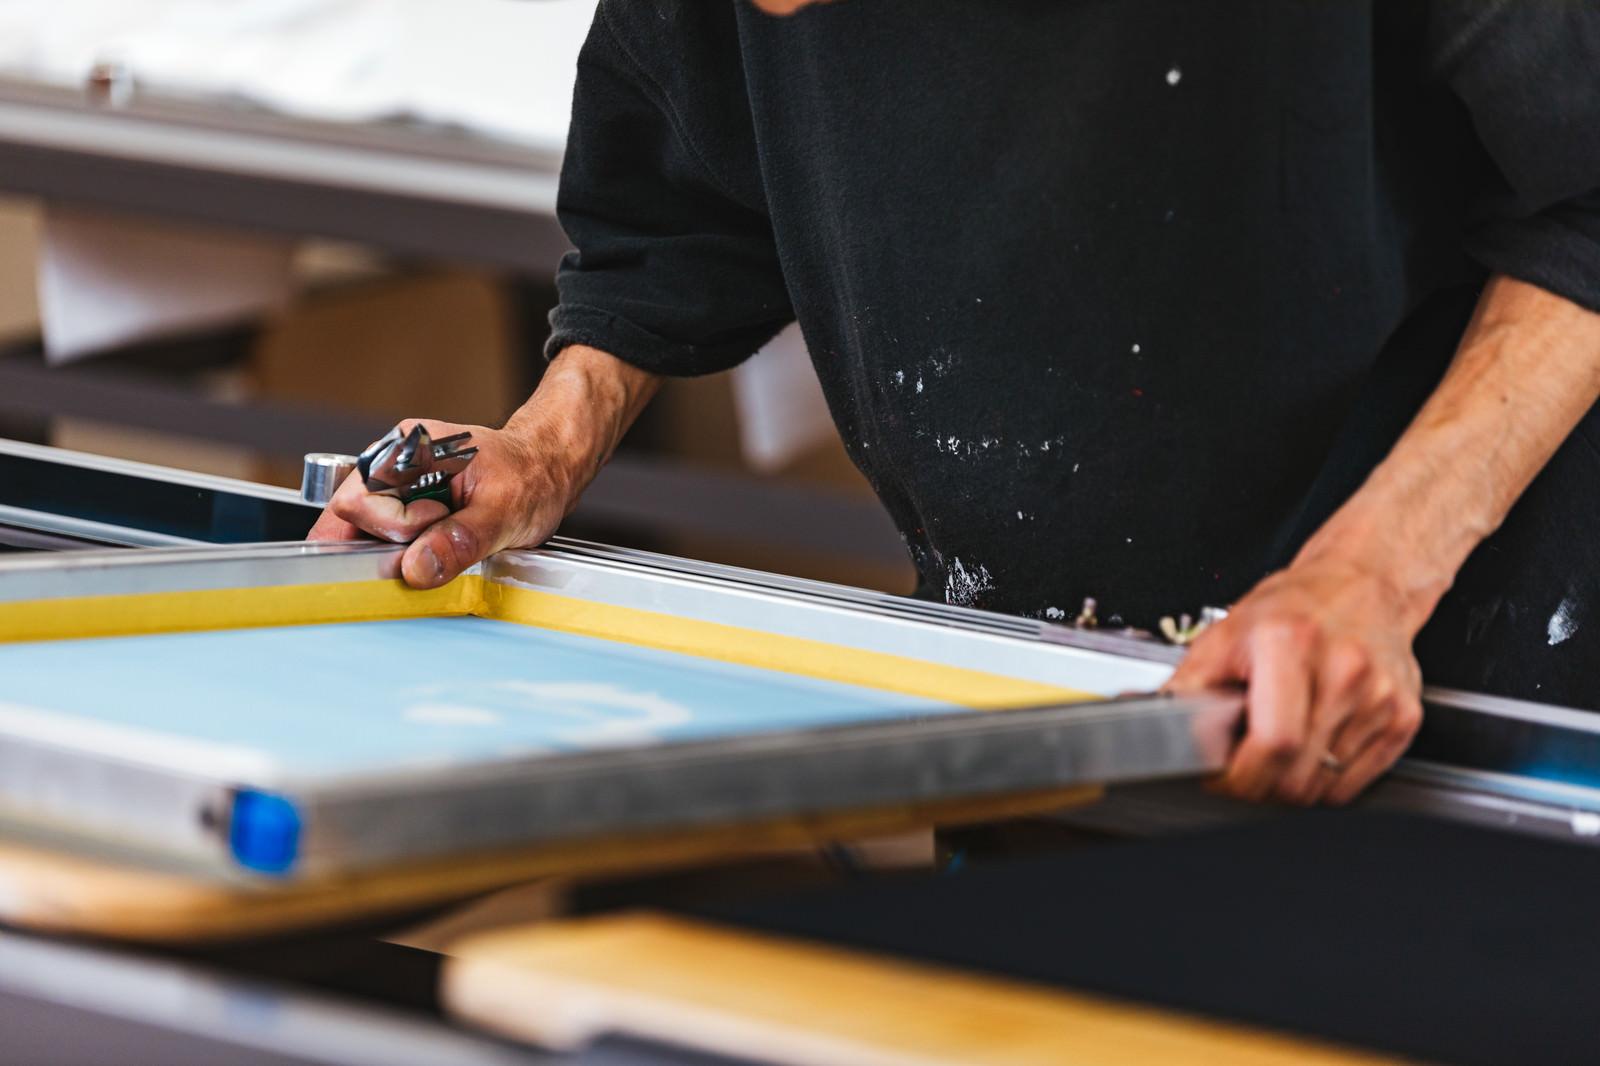 「シルク印刷のプリント位置を合わせる職人」の写真